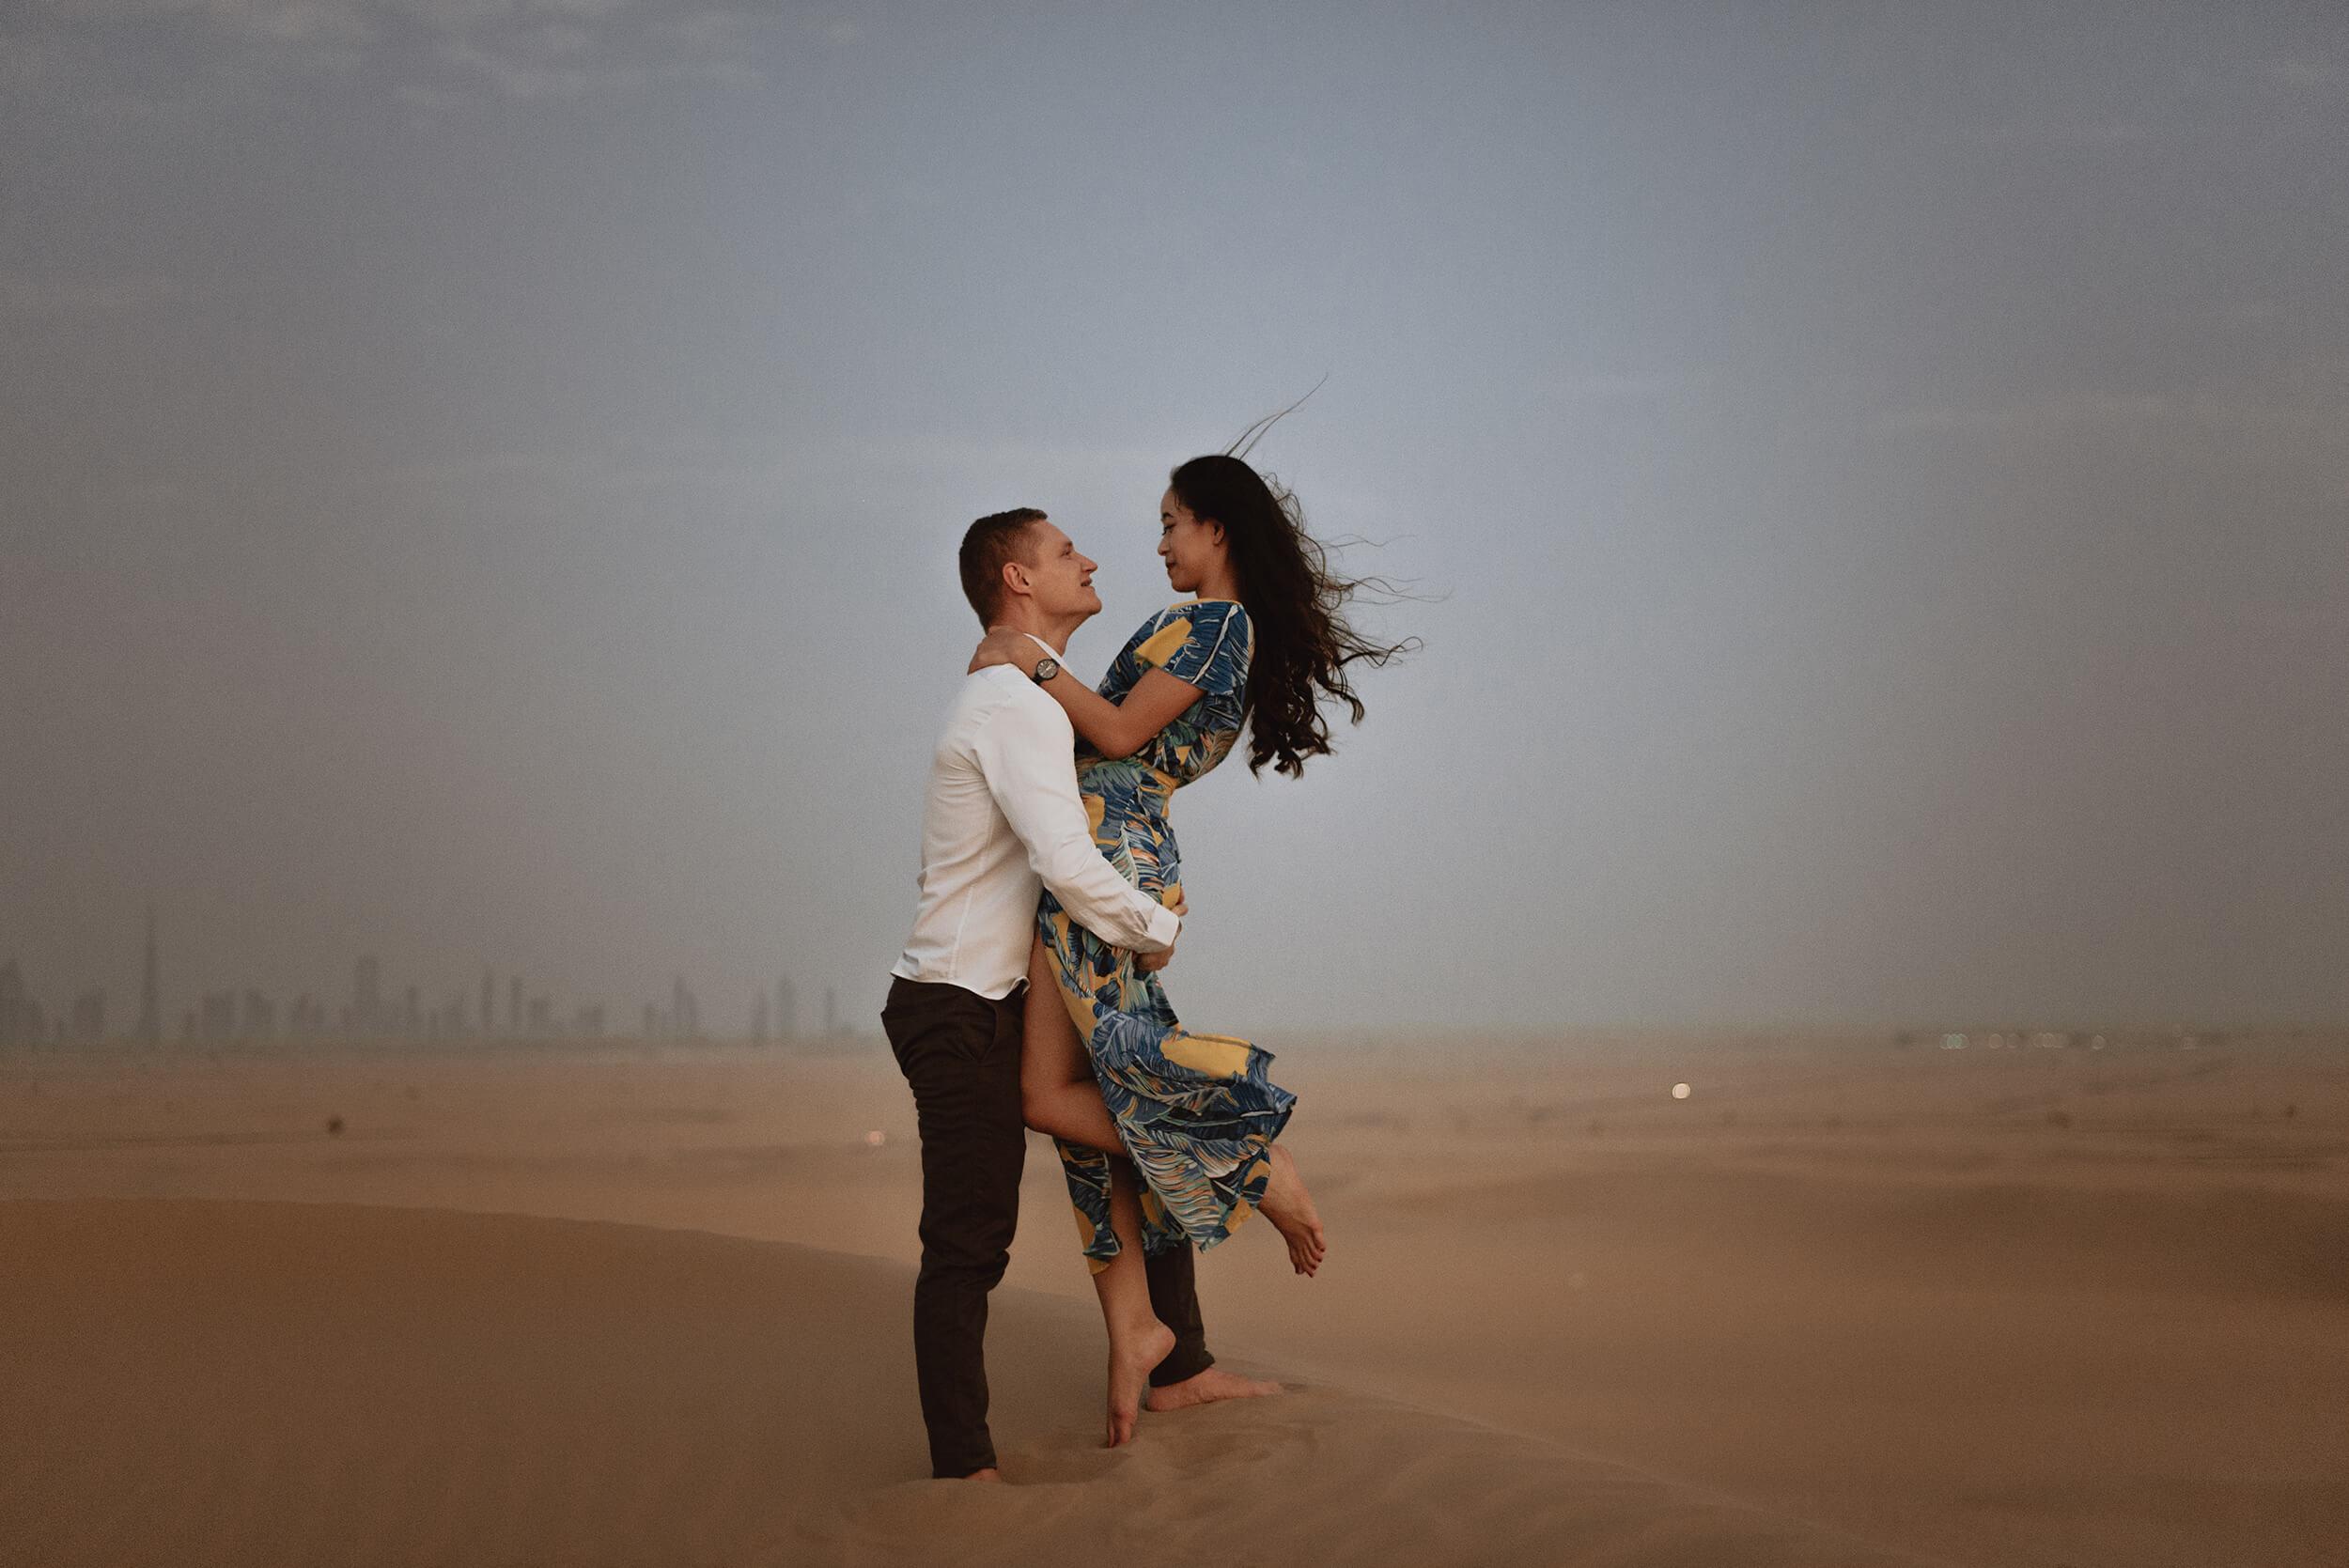 DSC 6593 89 3 - Citra + Kuba | miłość w Dubaju + 6 powodów dlaczego sesja narzeczeńska jest tak ważna